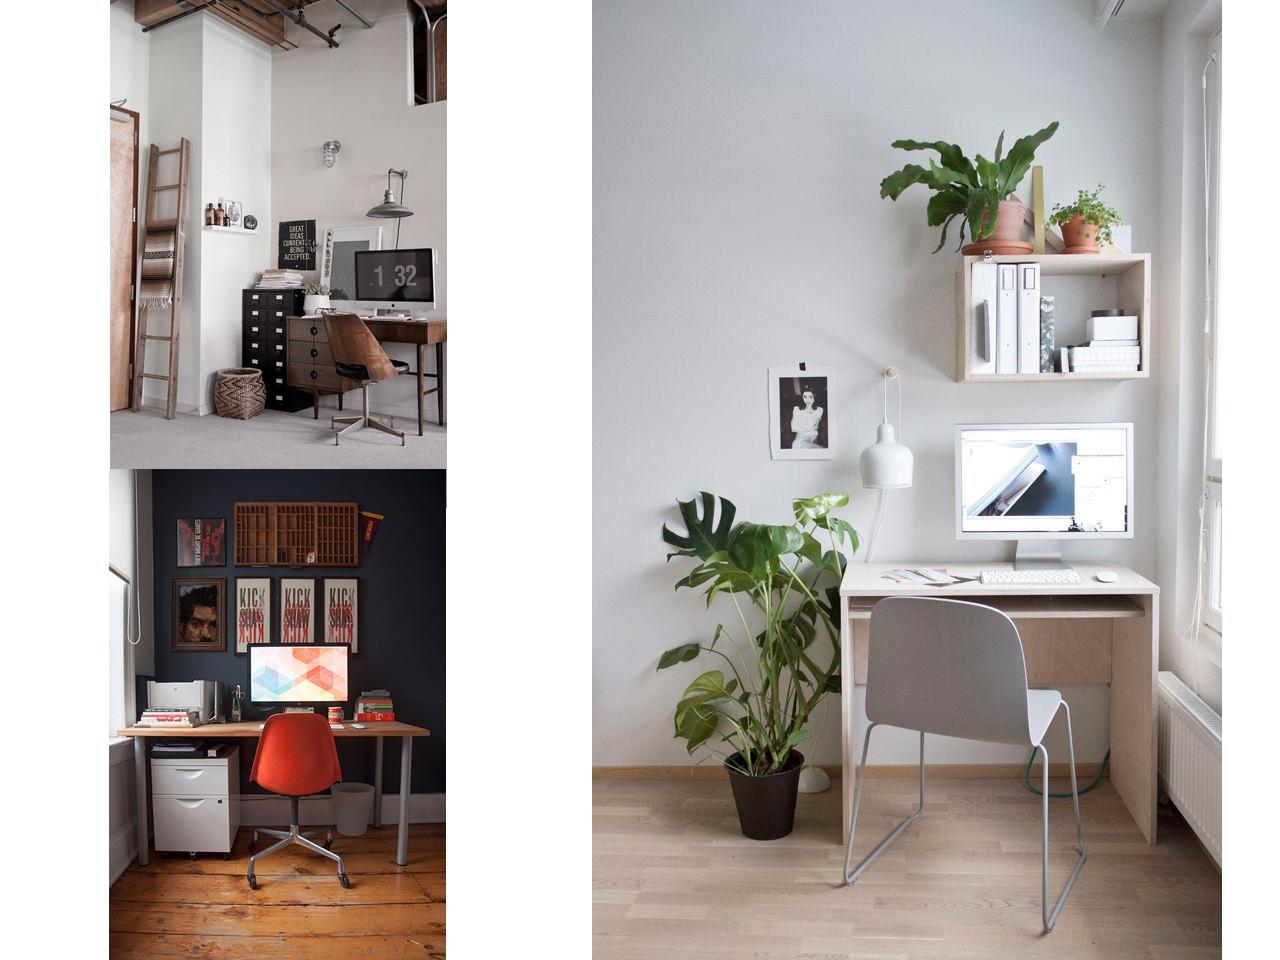 La mejor decoraci n de oficinas peque as en casa - Decoracion de despachos en casa ...